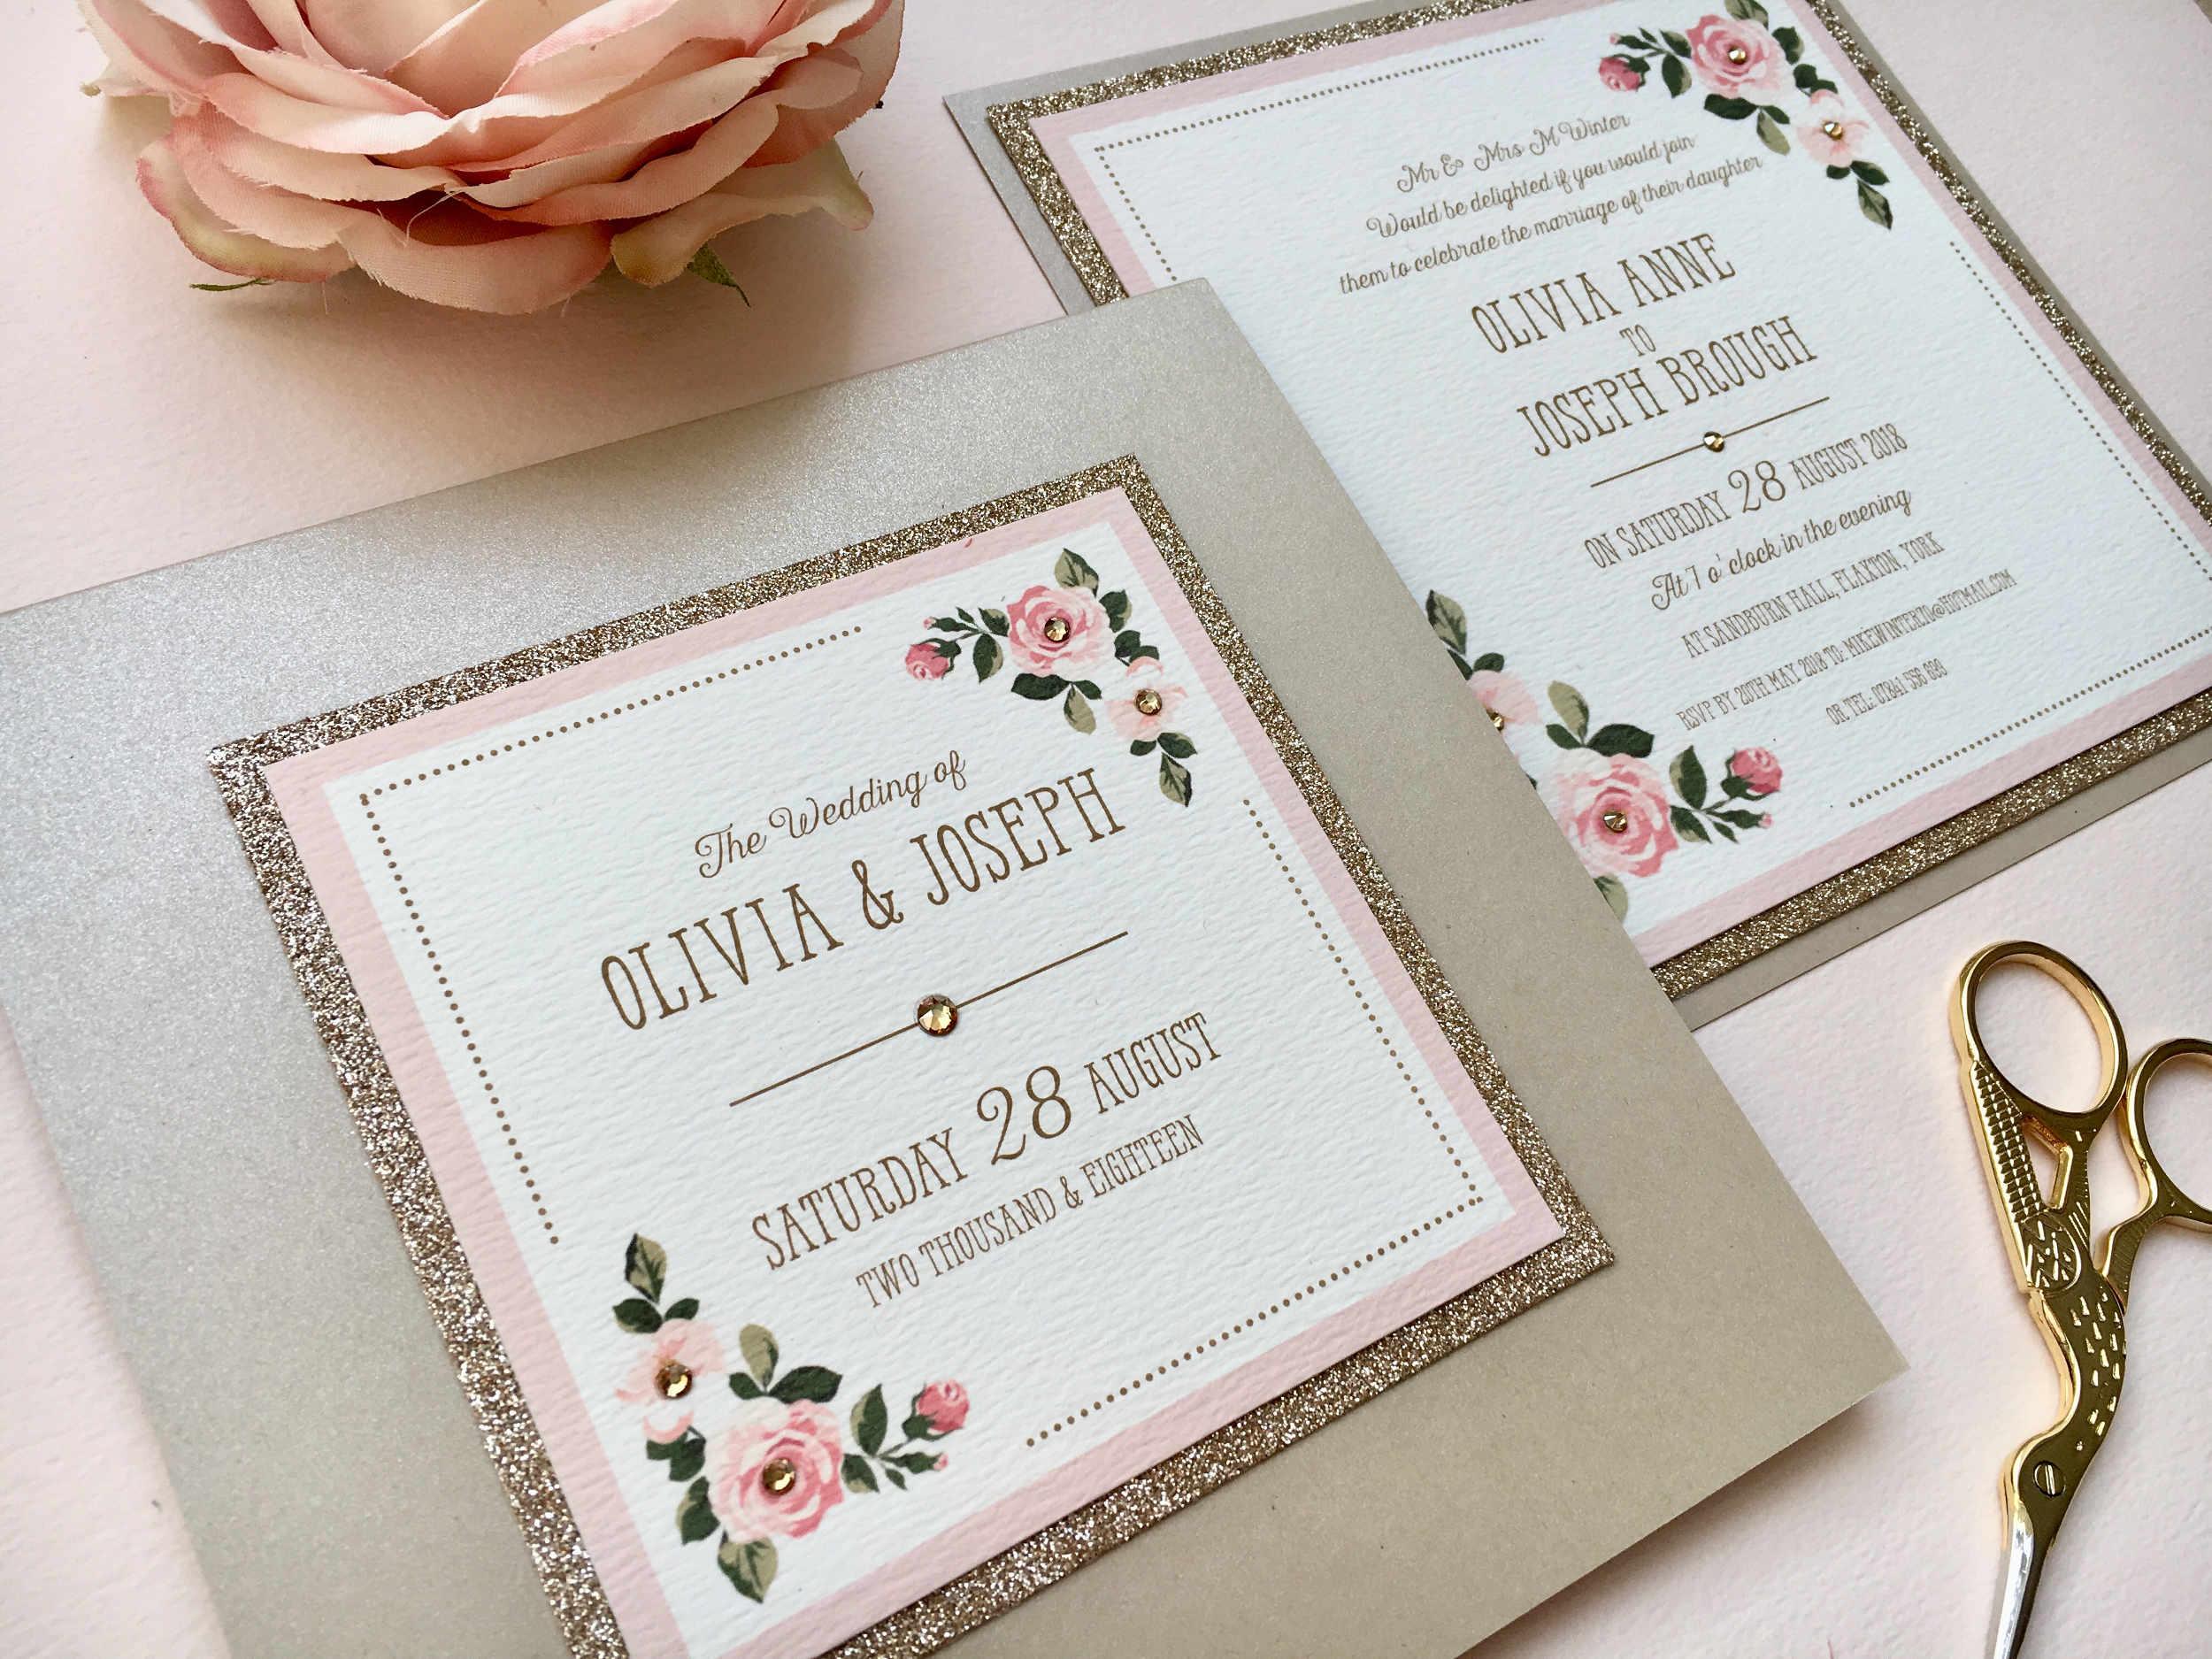 olivia_wedding_invitation.jpg